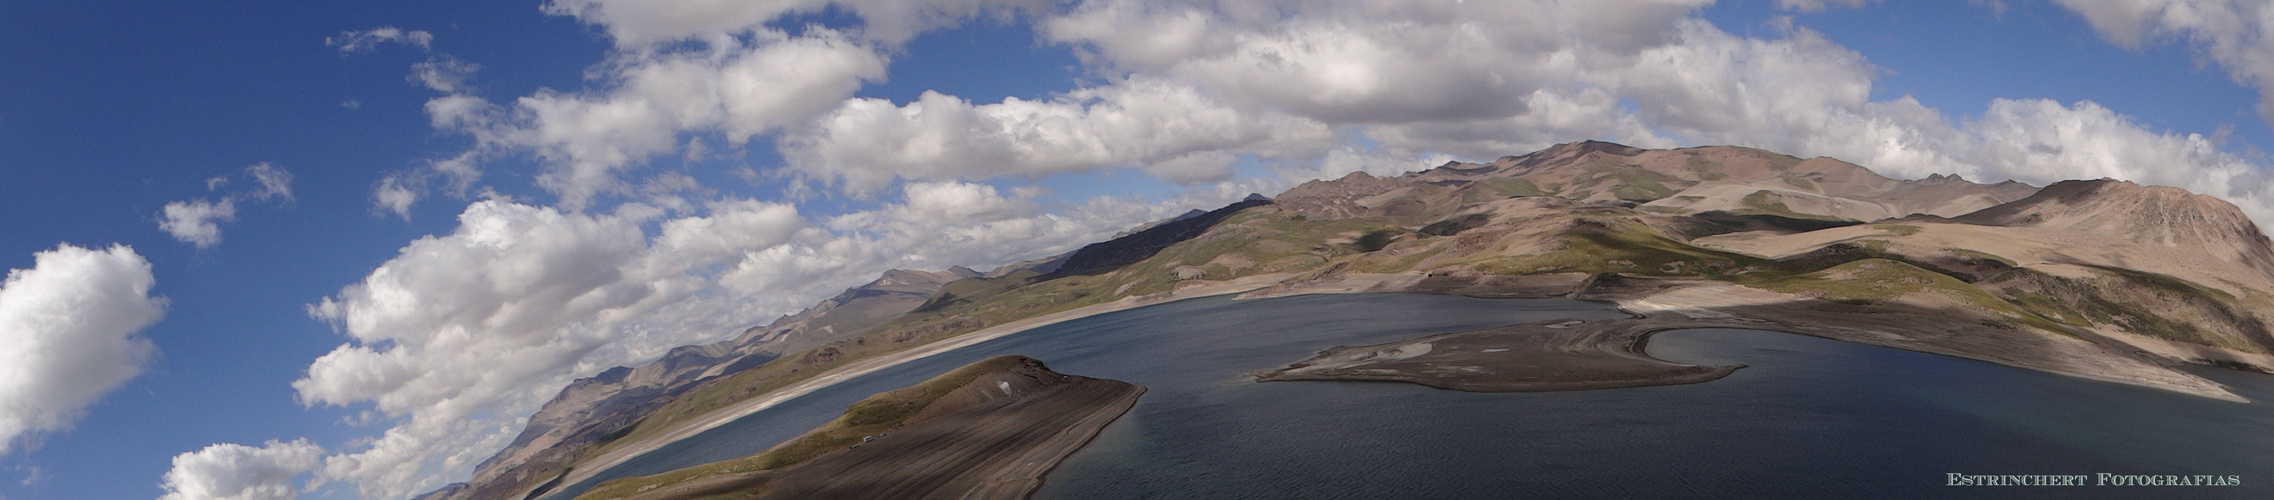 Panoramica-laguna del maule